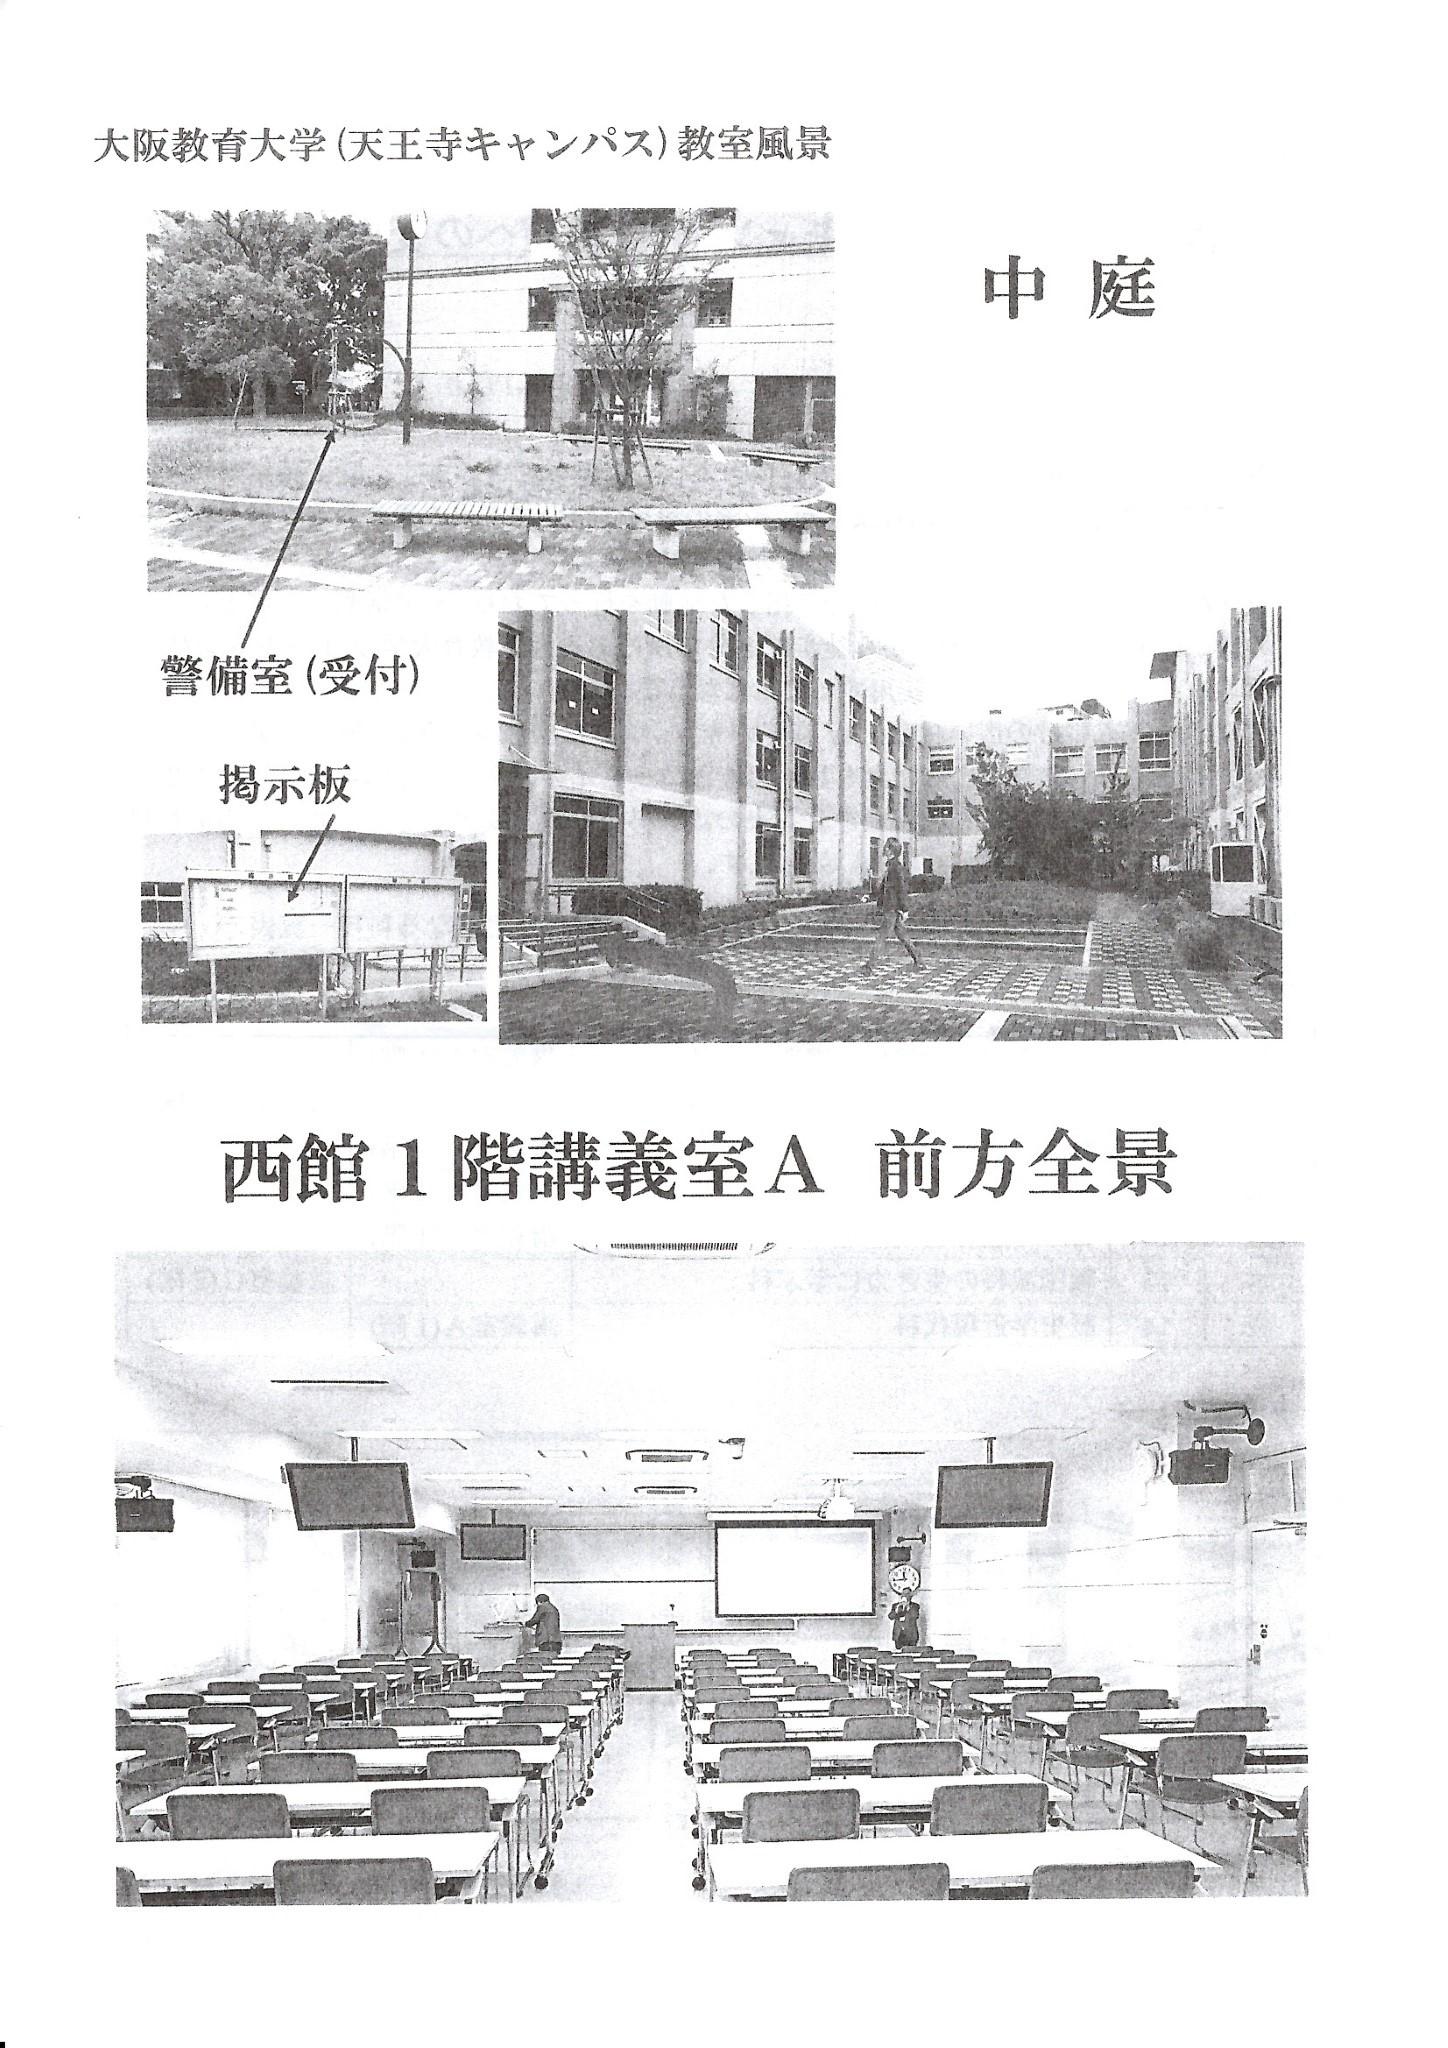 天王寺キャンパス